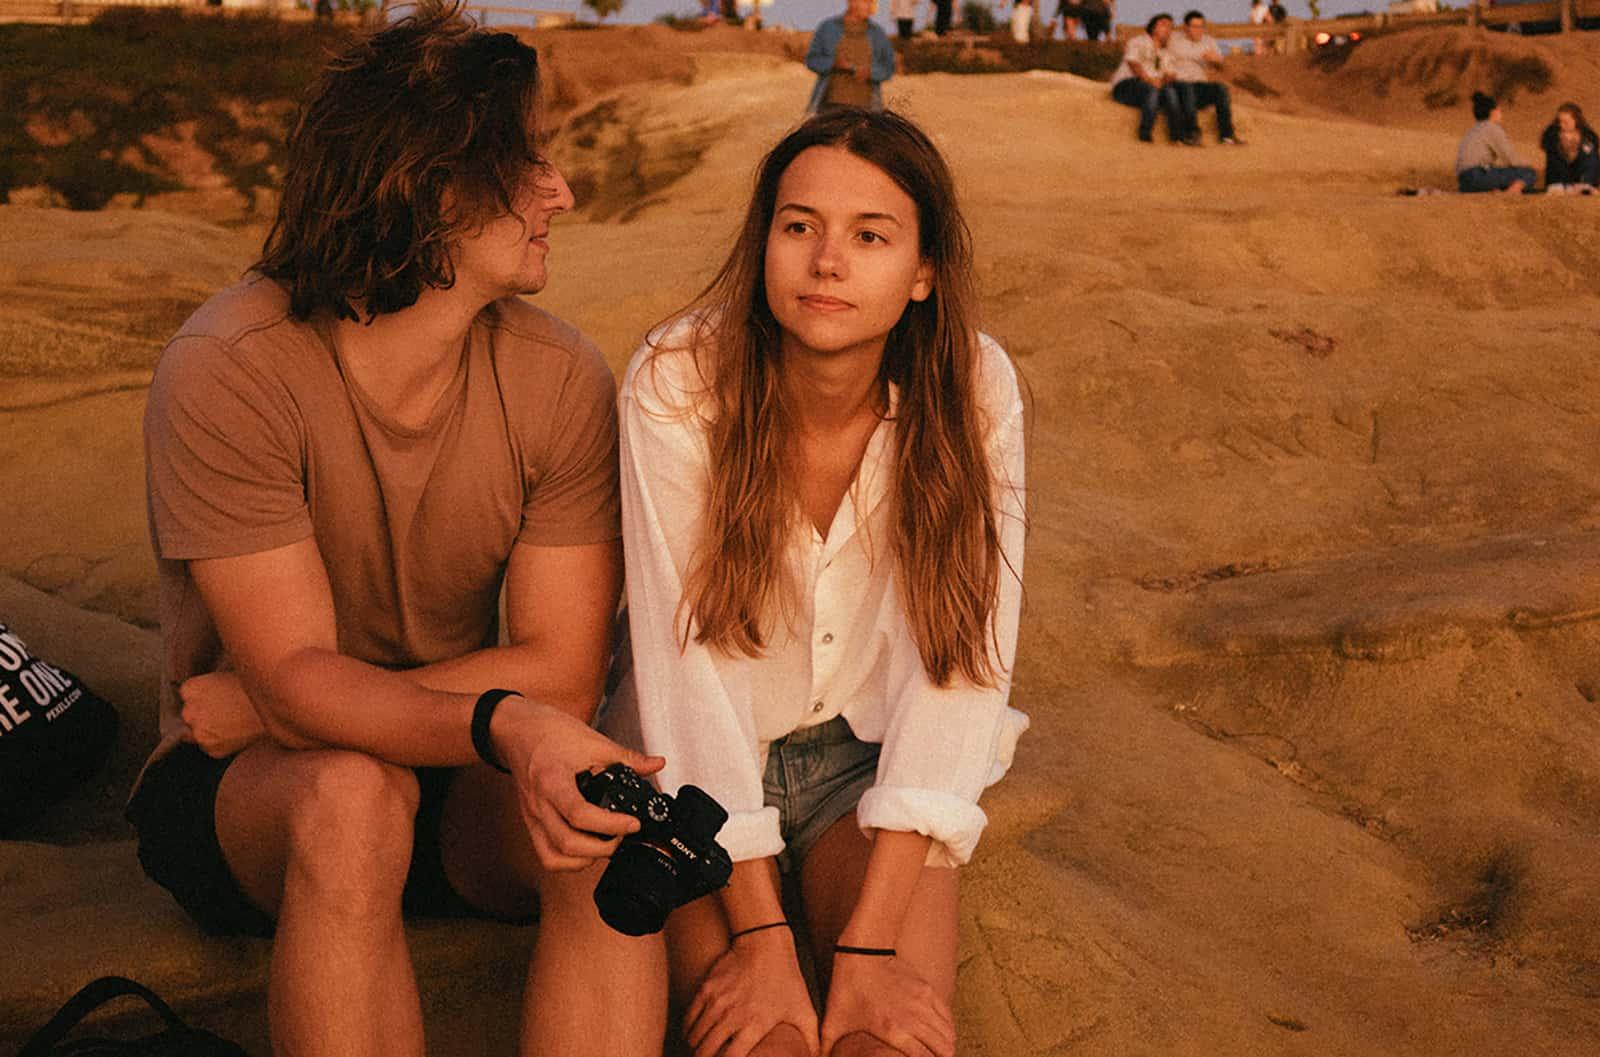 Die nachdenkliche Frau saß auf einem Felsen neben einem Mann, der sie ansah